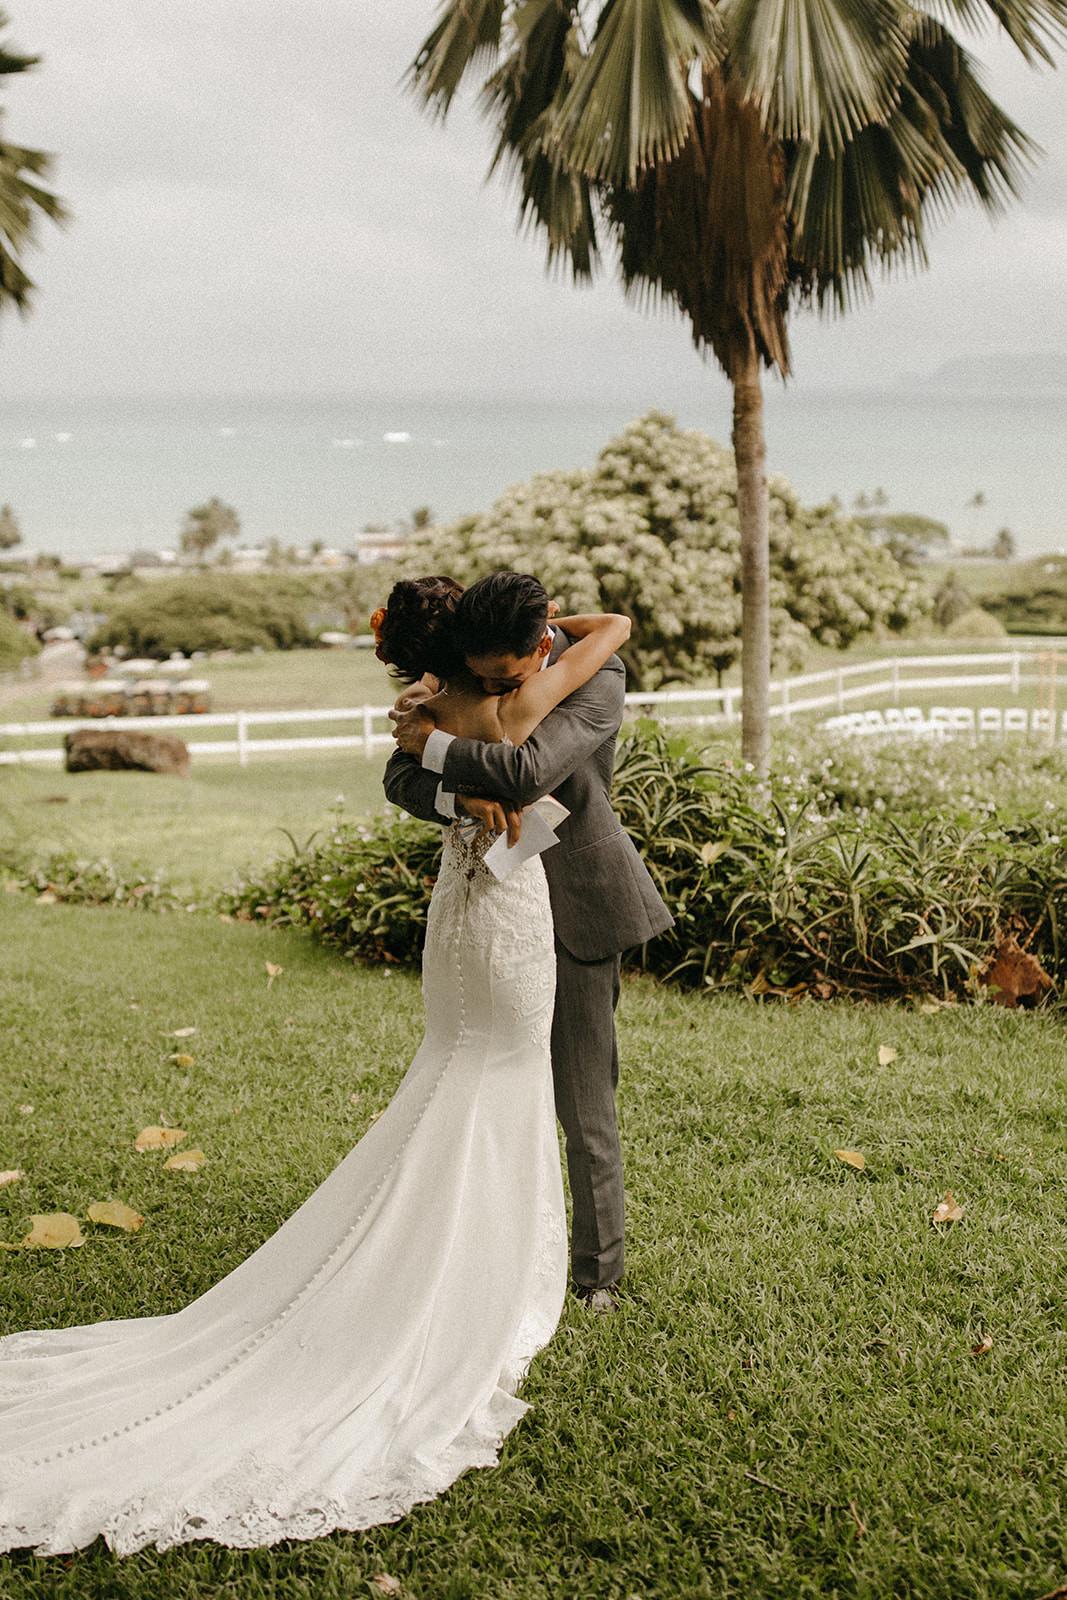 Kualoa_Hawaii_wedding_paliku.jpg